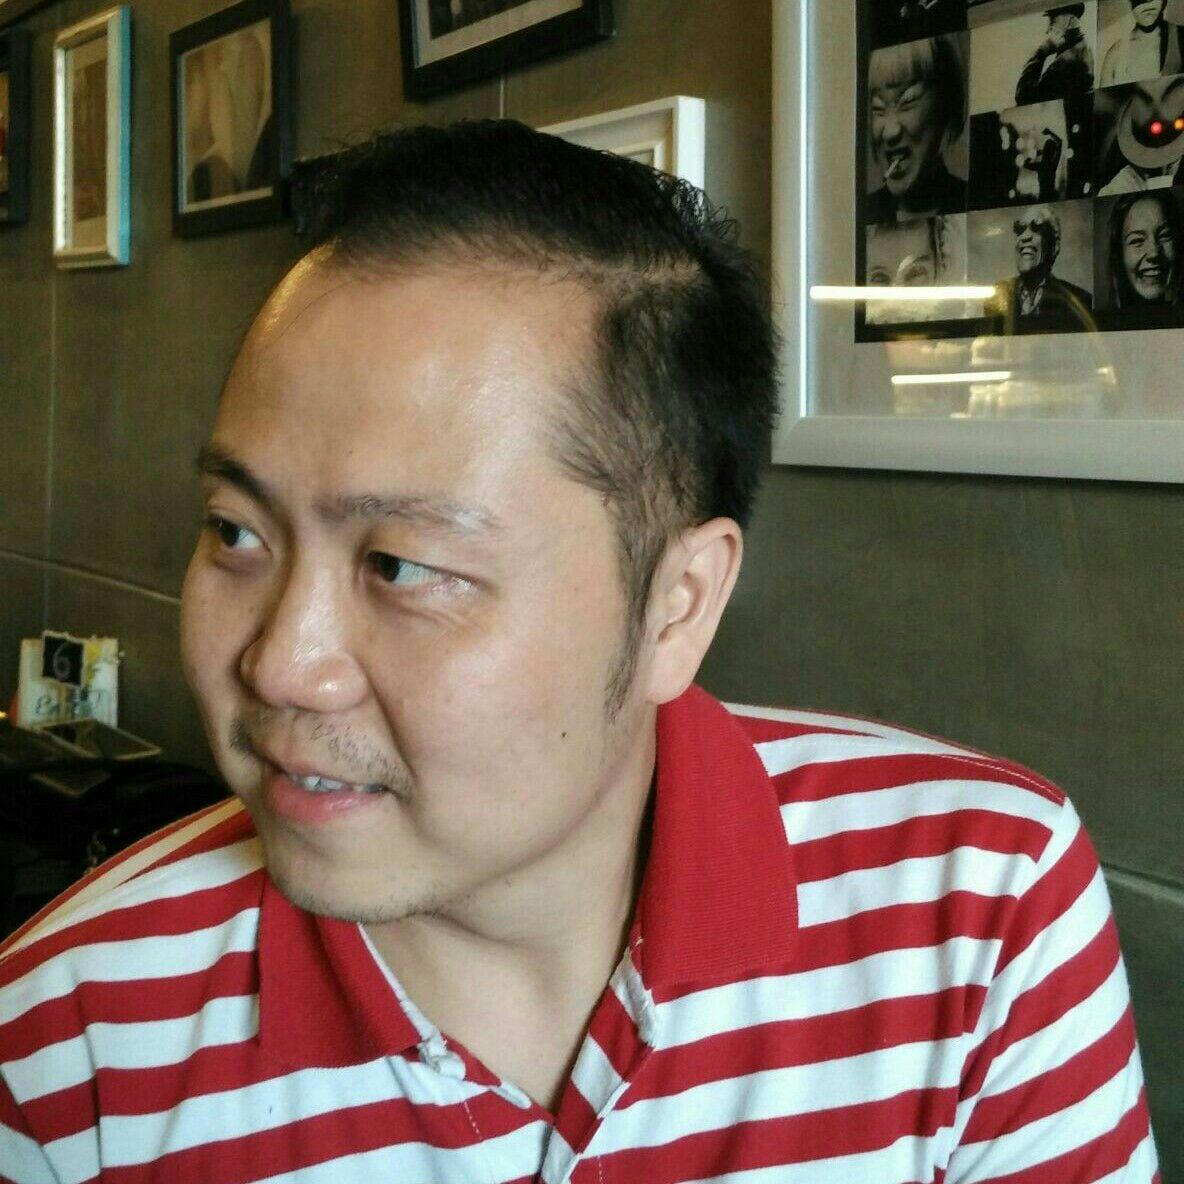 Johan from Surabaya